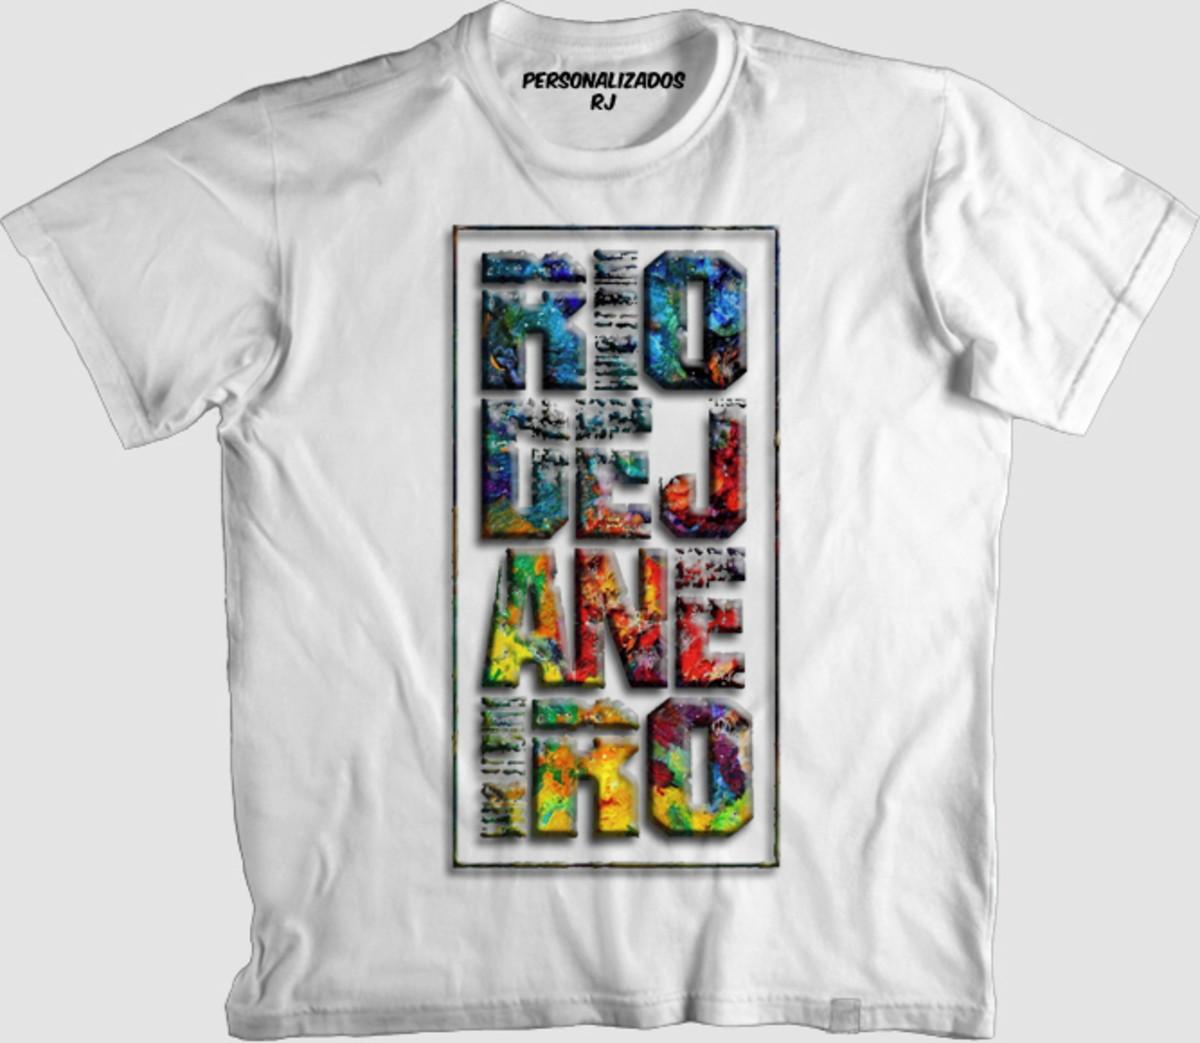 776006e8b Camisa RIO DE JANEIRO 007 no Elo7 | PERSONALIZADOS RJ (D4F819)